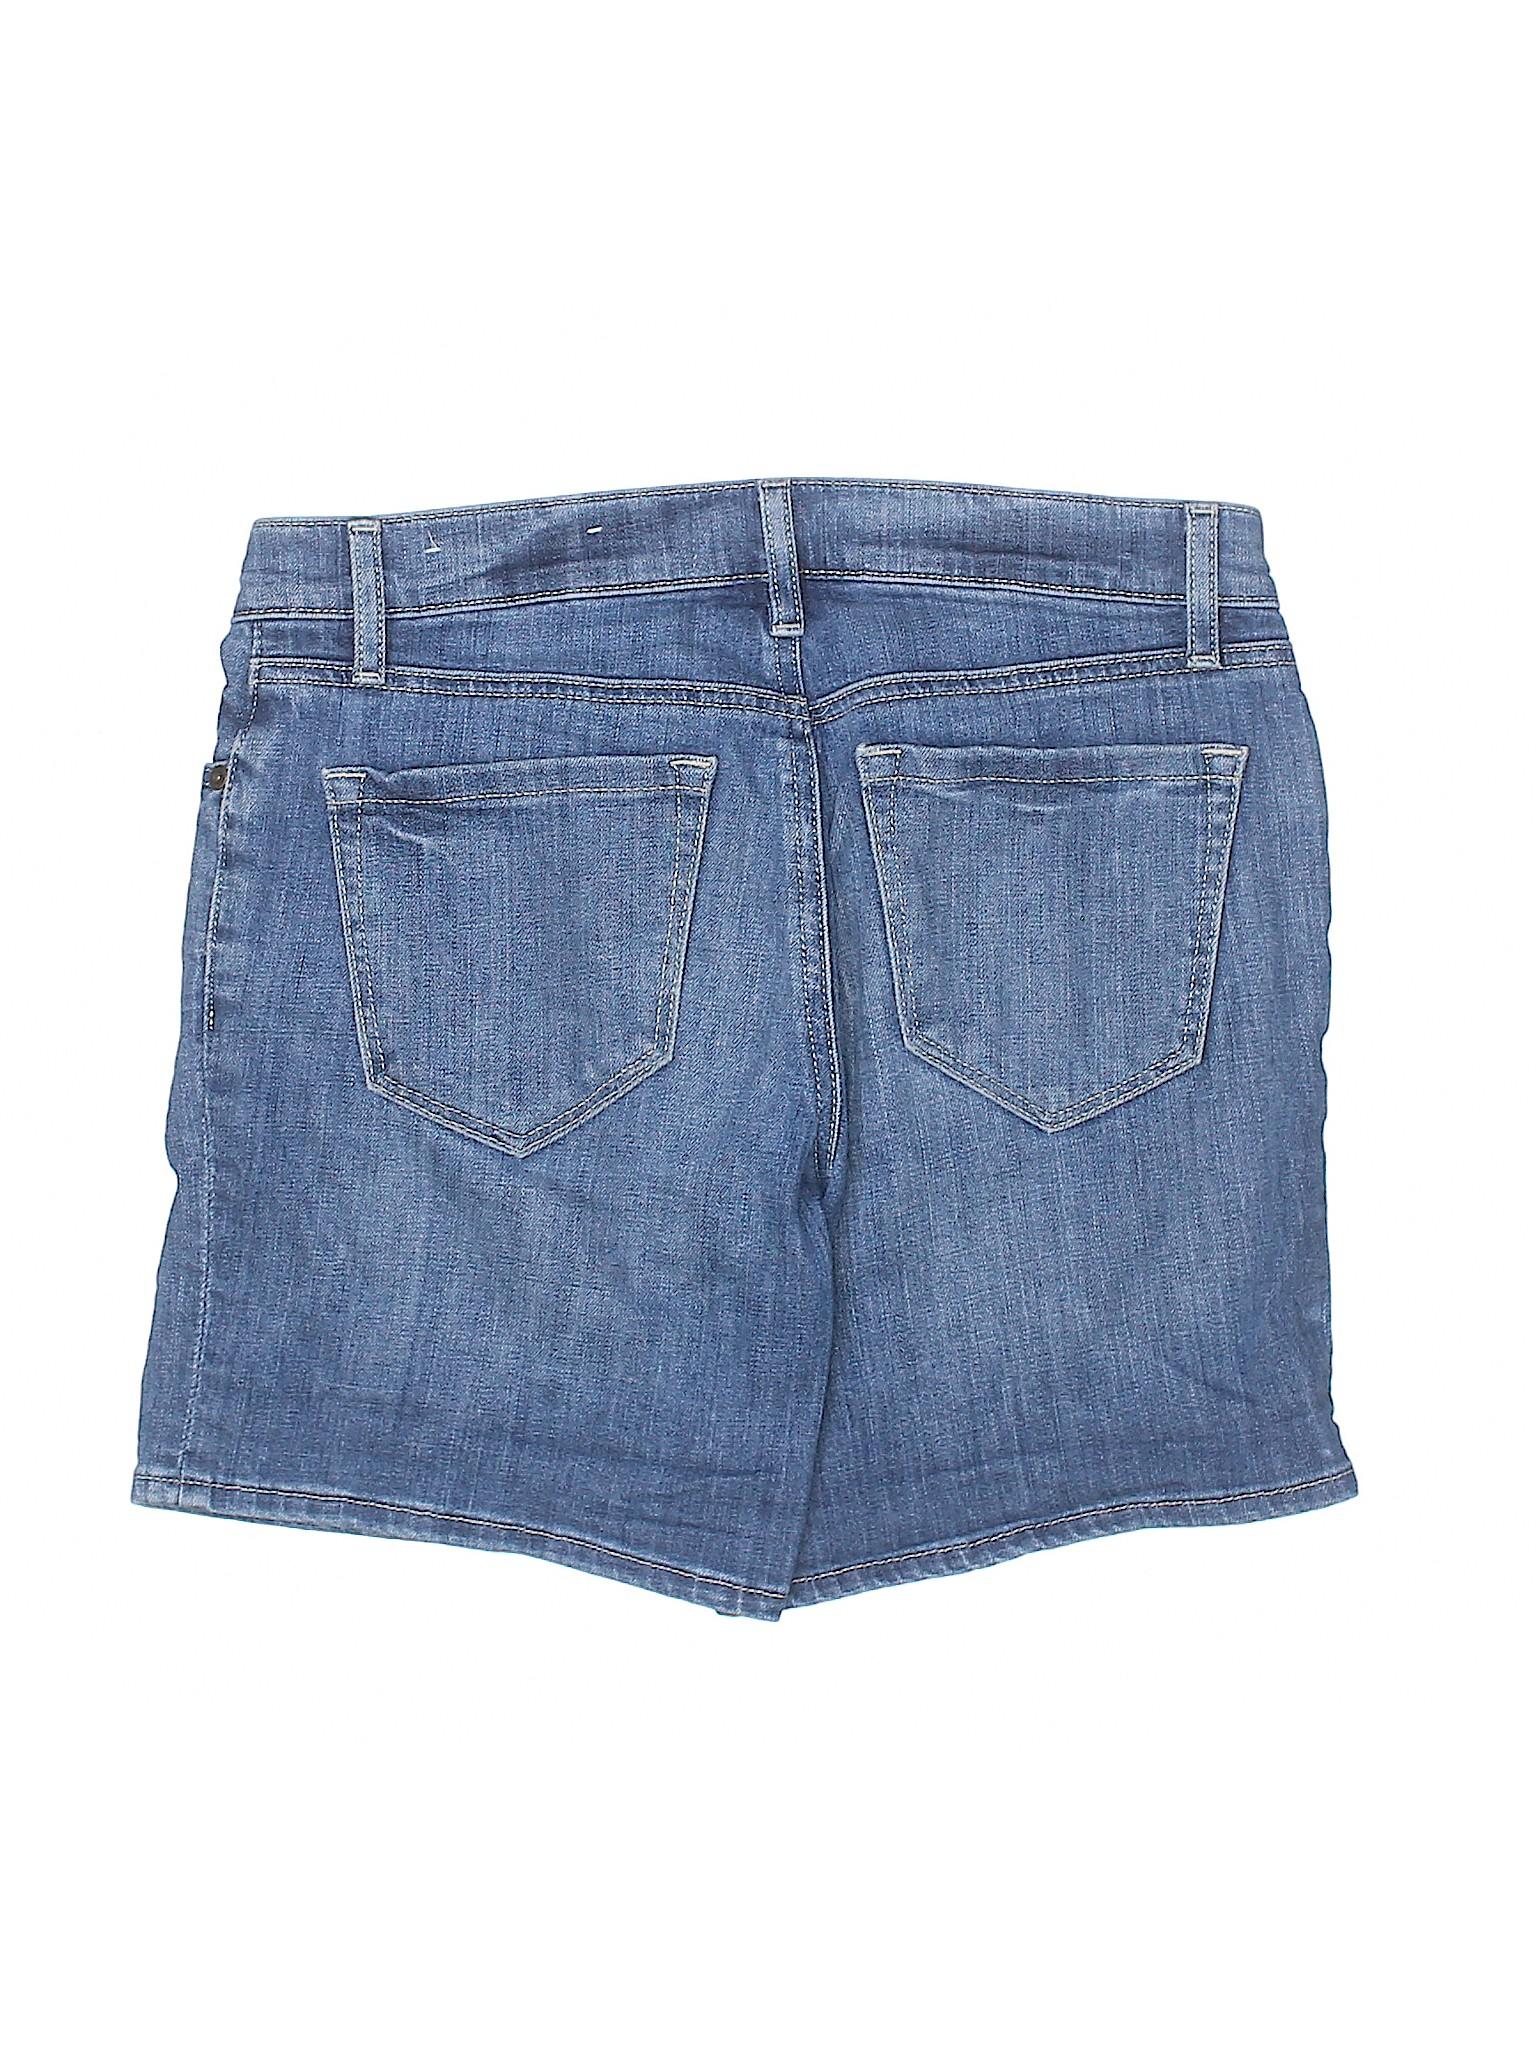 Taylor LOFT Ann Boutique Denim Shorts 05zEwq